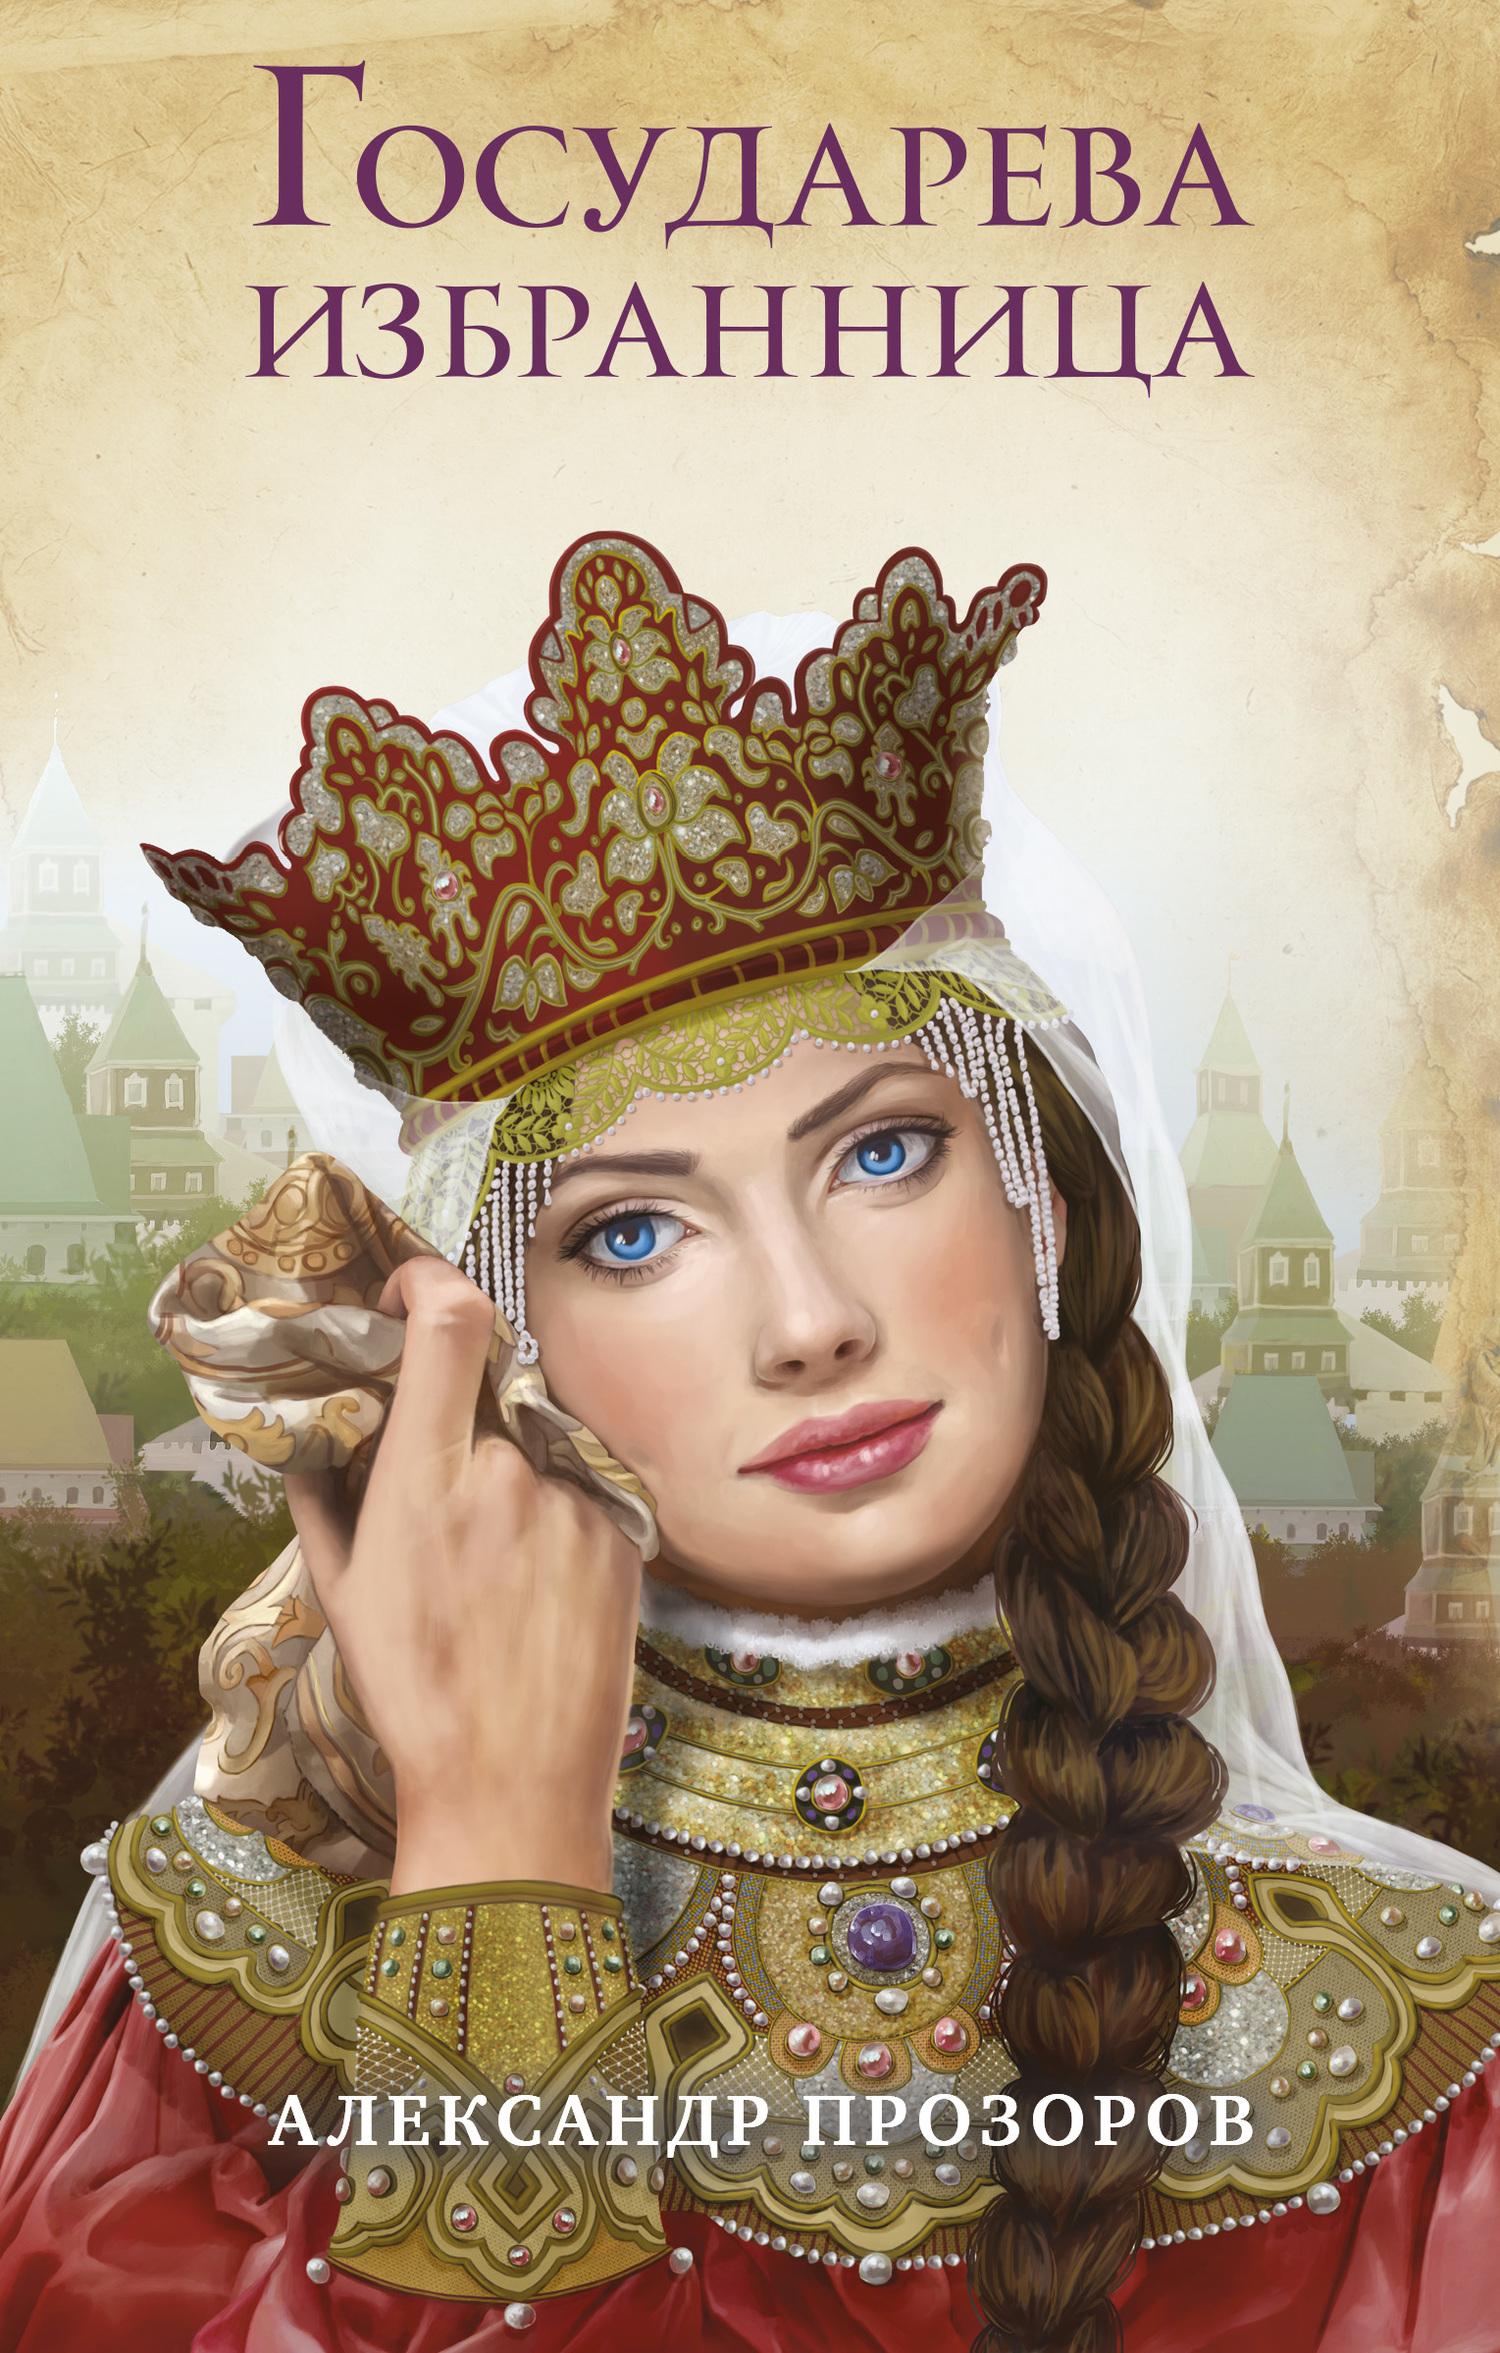 скачать бесплатно книгу Государева избранница